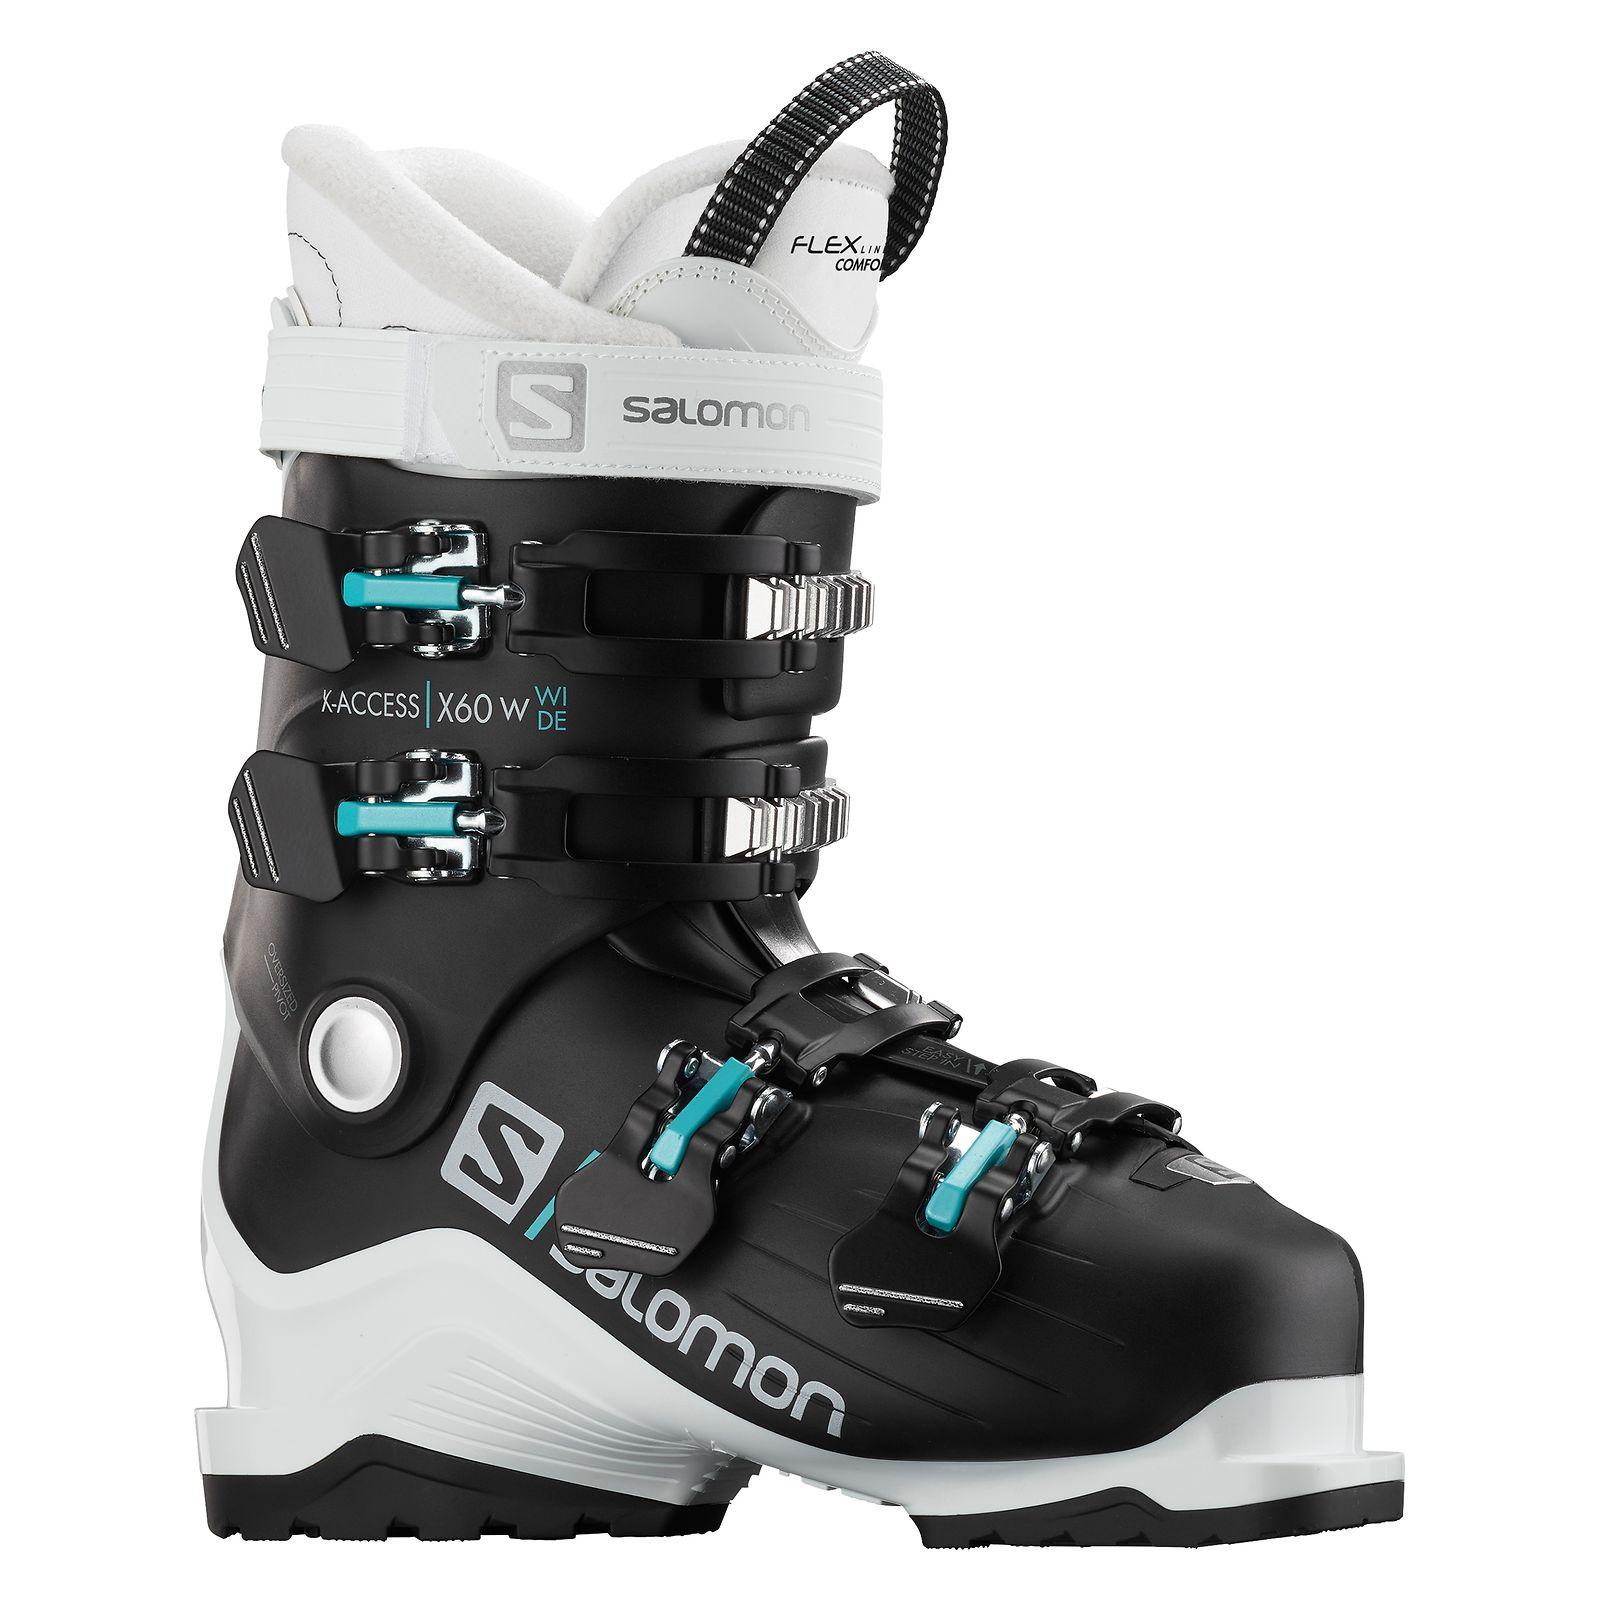 Buty narciarskie damskie Salomon X Access X60 Wide